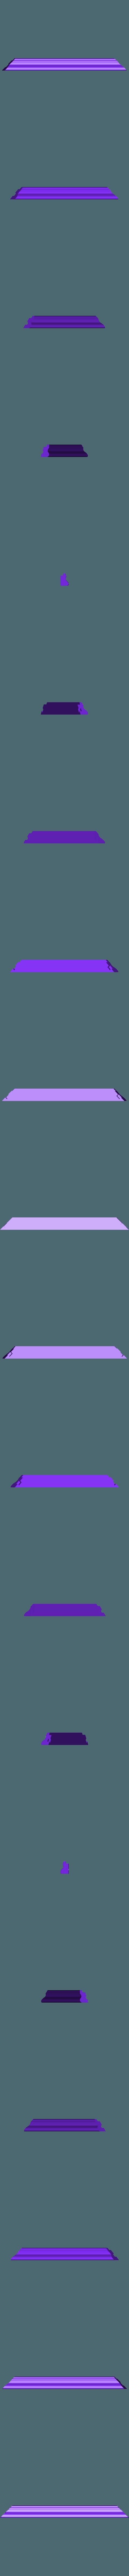 horizontal.stl Télécharger fichier STL gratuit Cadre photo • Plan pour imprimante 3D, Patrick40